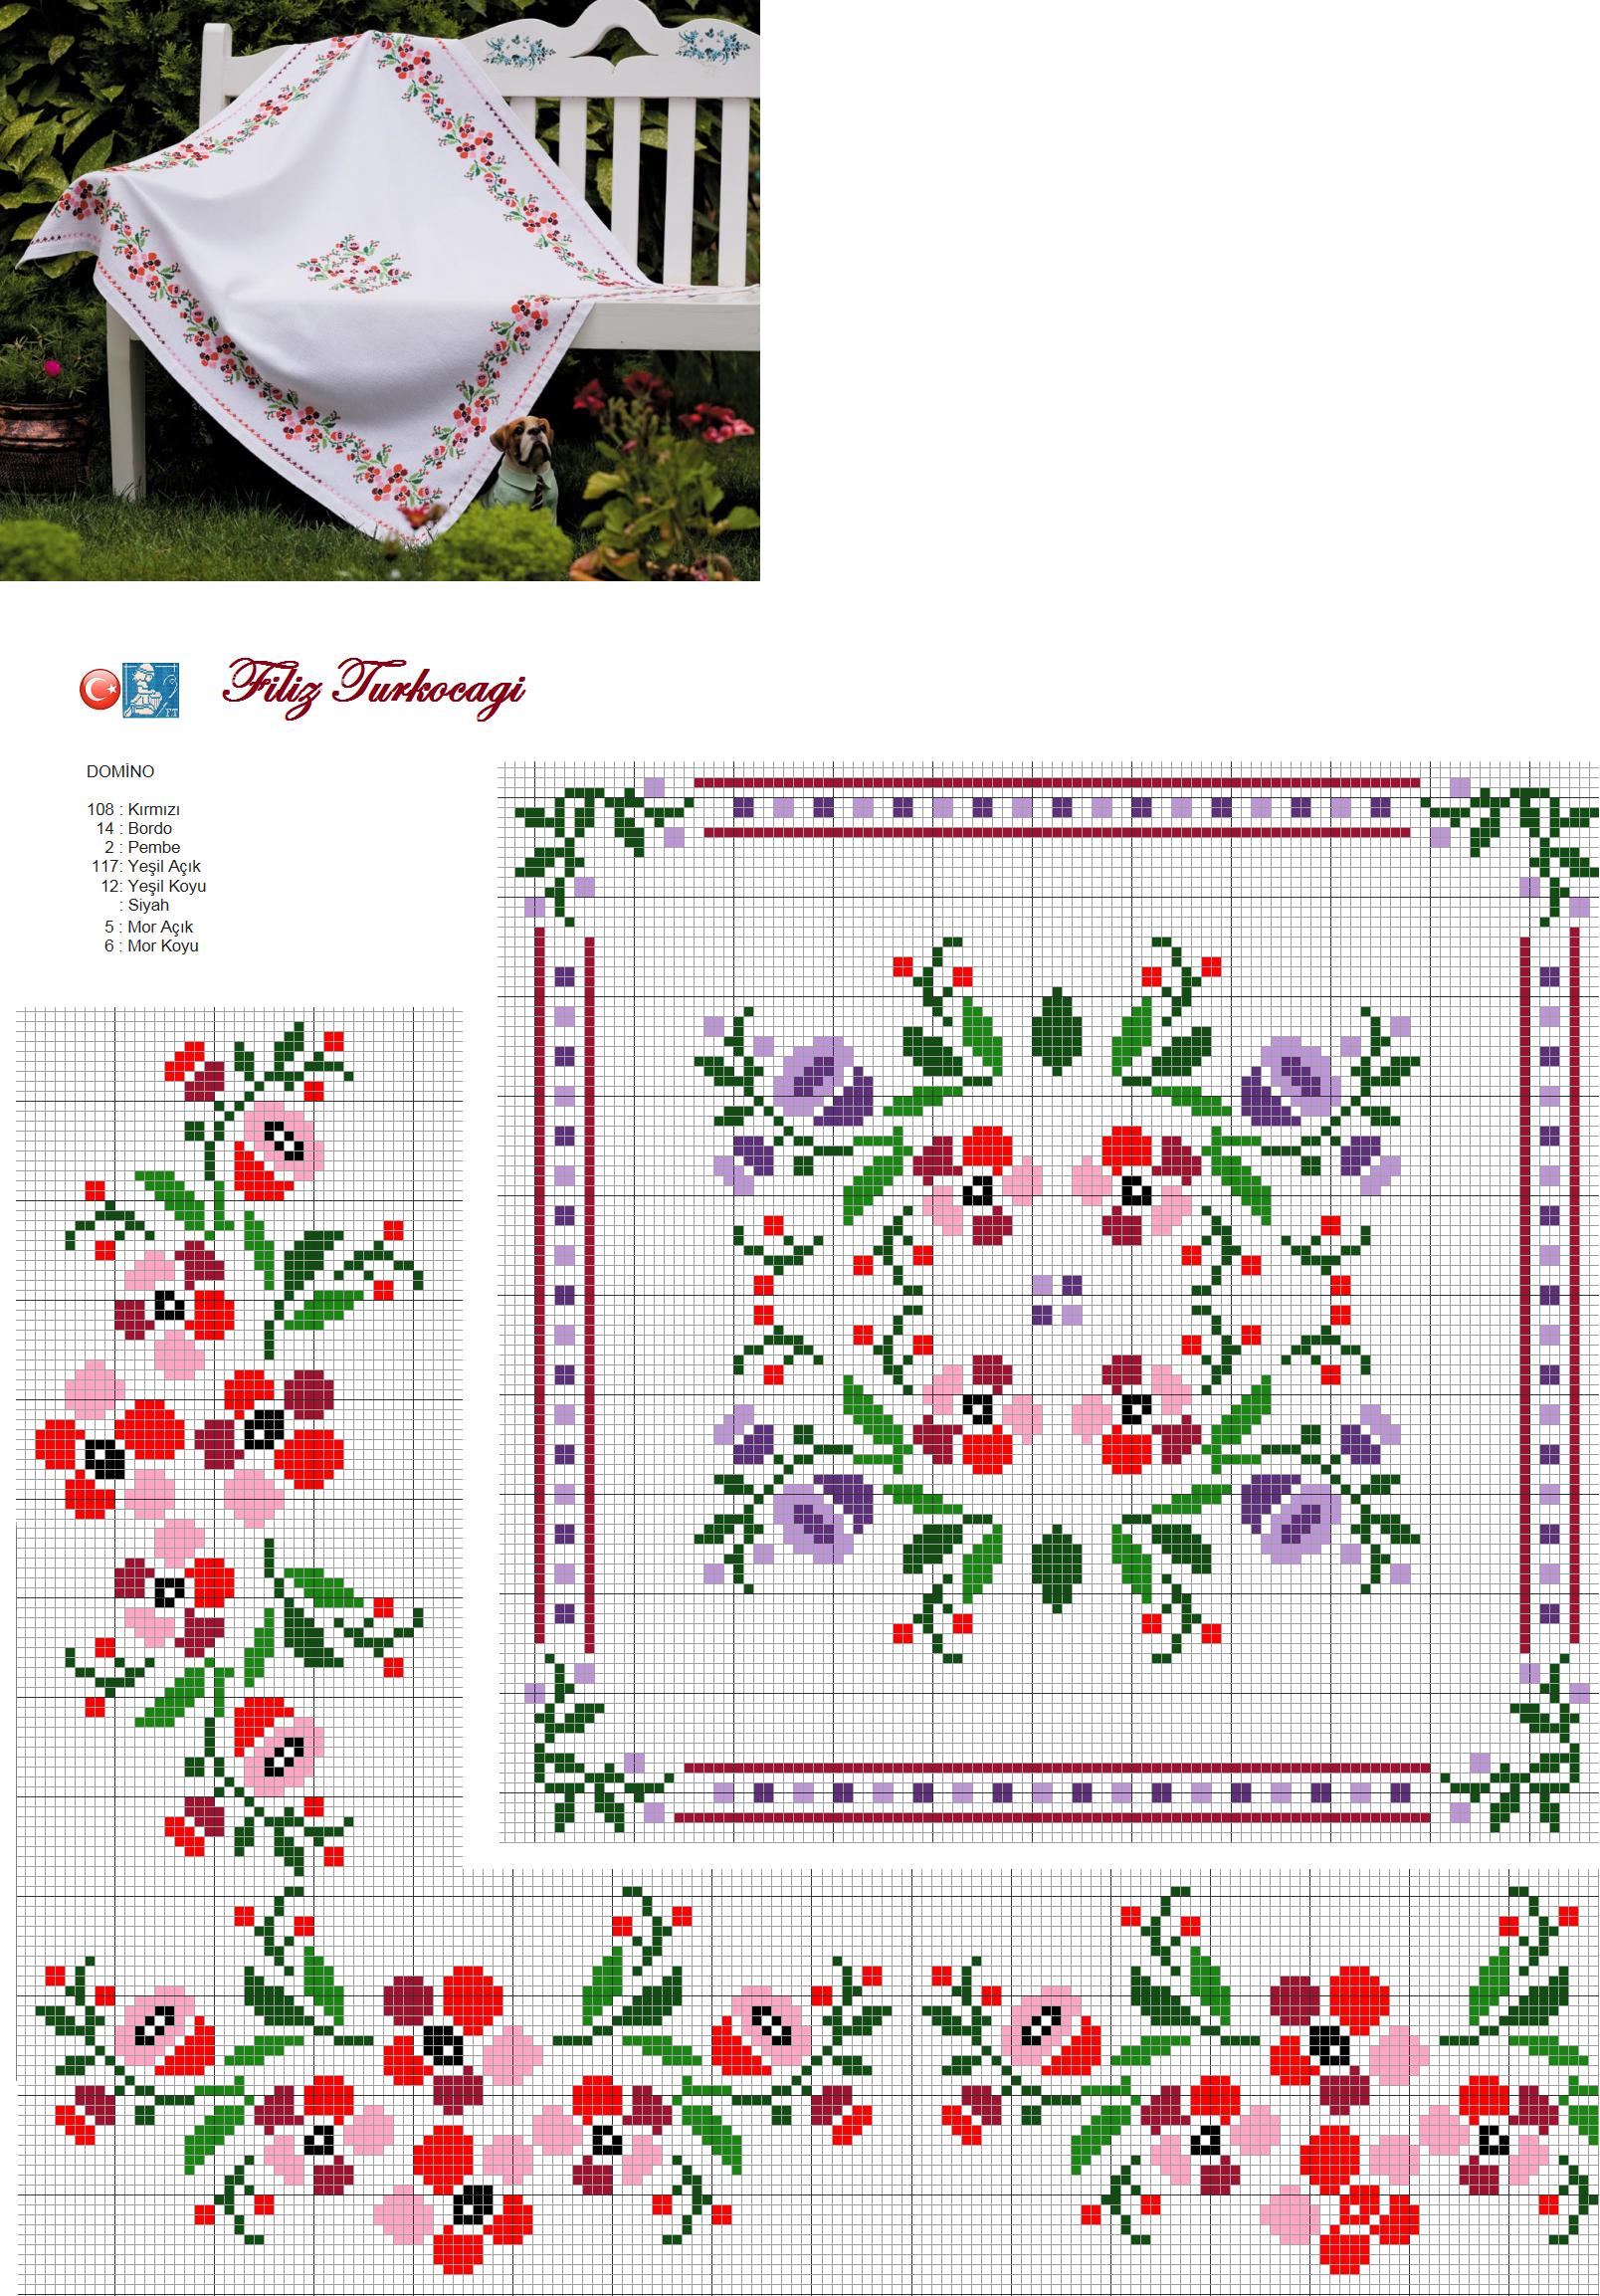 Masa örtüsü de olsun, neden olmasın ki ? Kenar ve orta şablonudur, aman ha ! Ortadaki motife farklı renkler ekledim, fikir vermek adına :) Designed and stitched by Filiz Türkocağı...